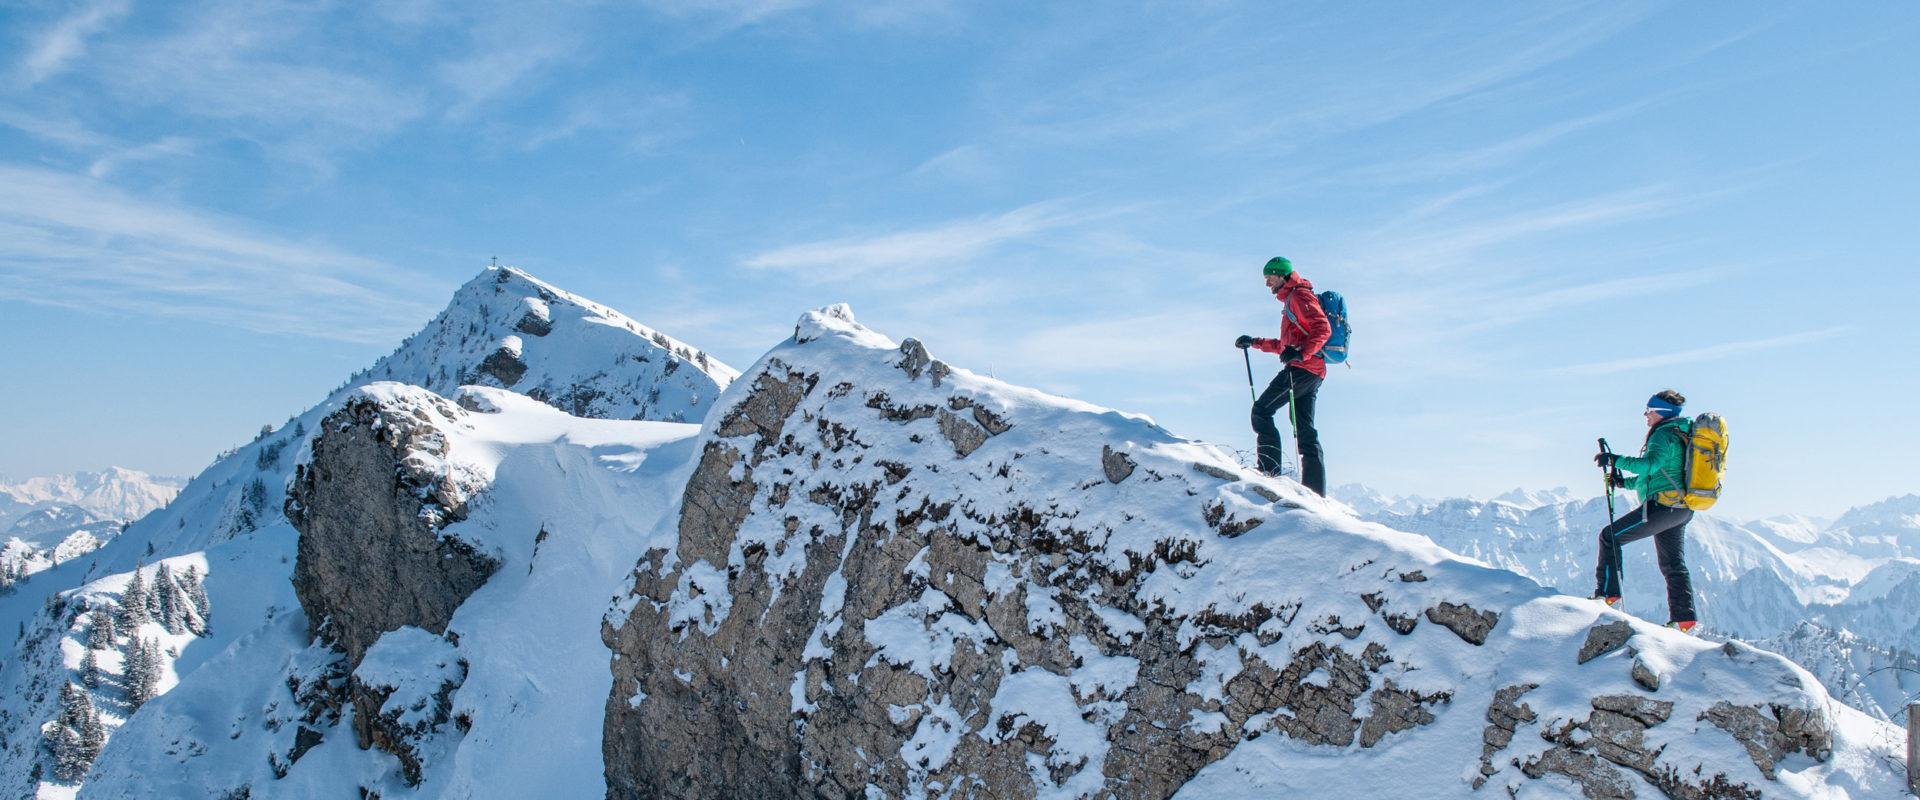 Skitour auf die Winterstaude kurz vor dem Gipfel © Birgit Gelder / Bregenzerwald Tourismus